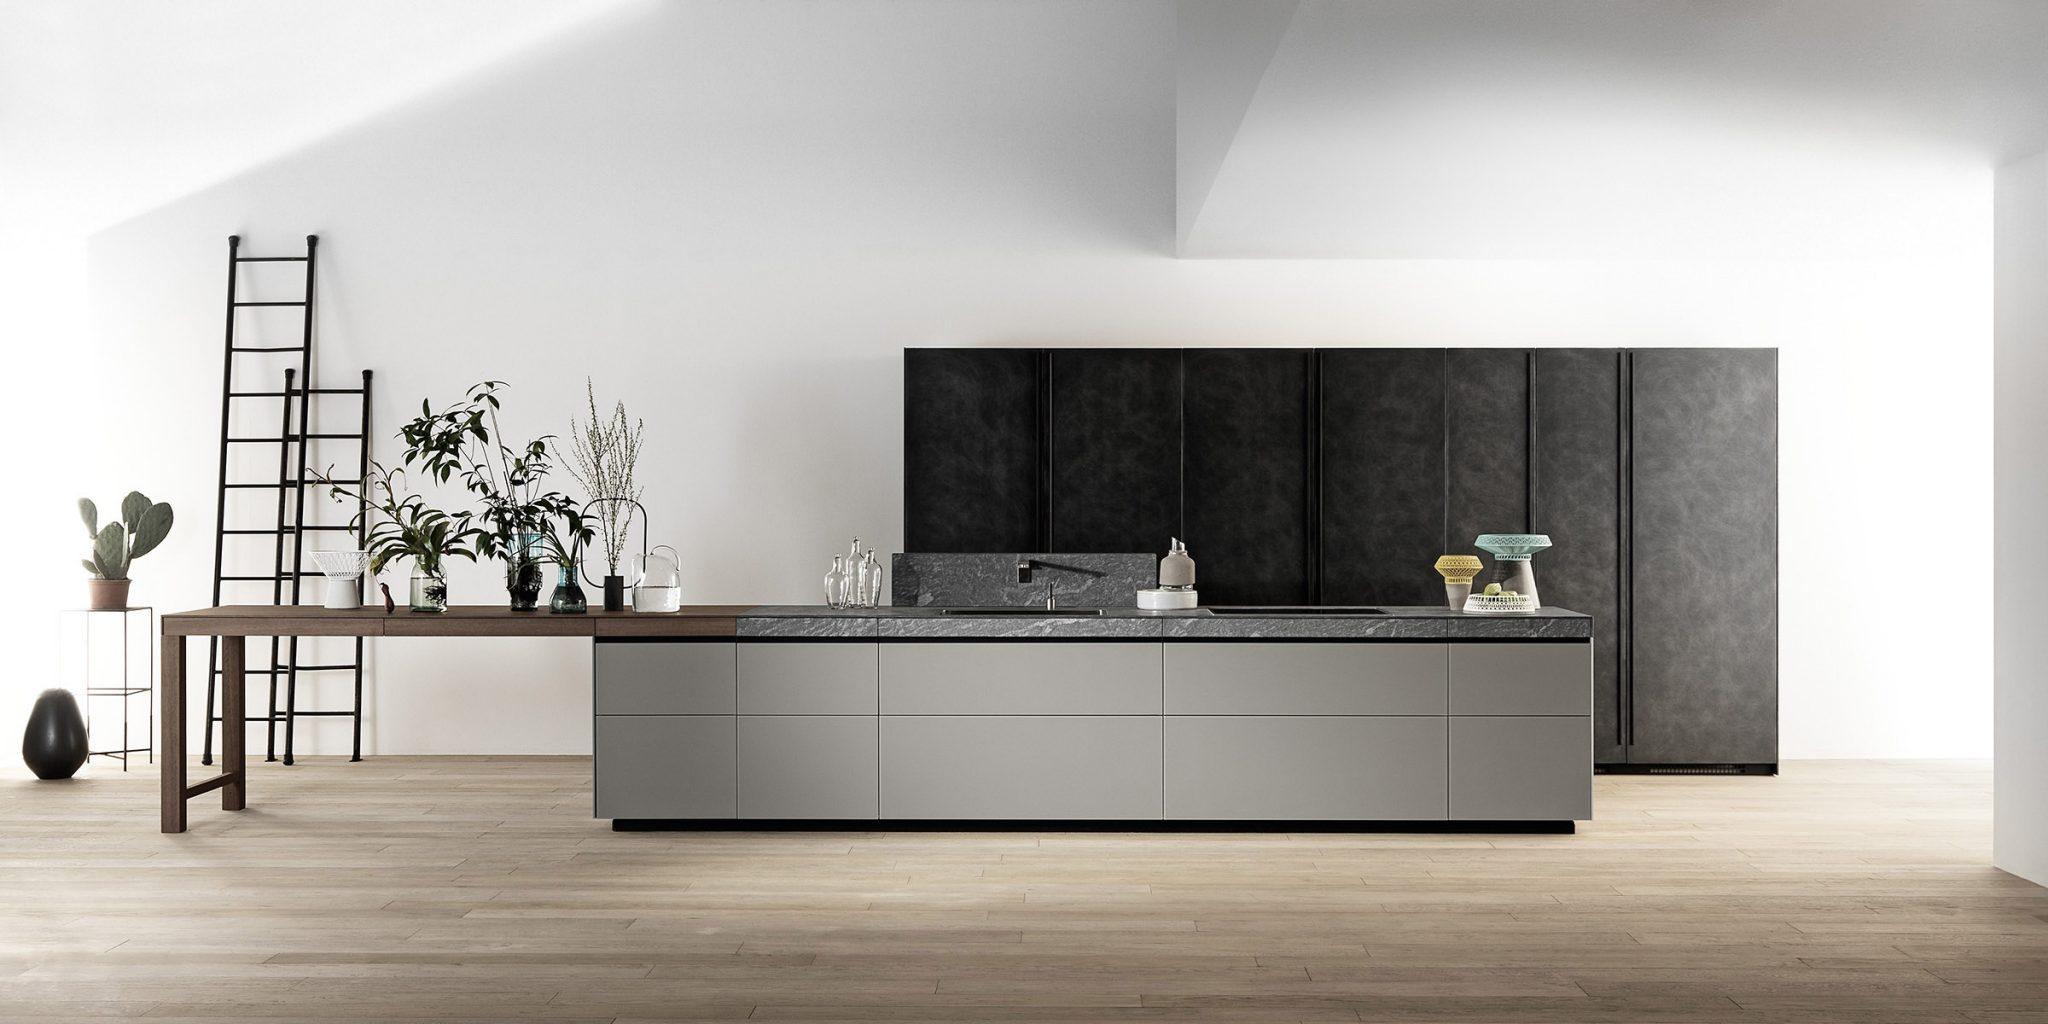 Black Kitchens Cabinets Valcucine Italiaanse Keukens Rikken Keukens